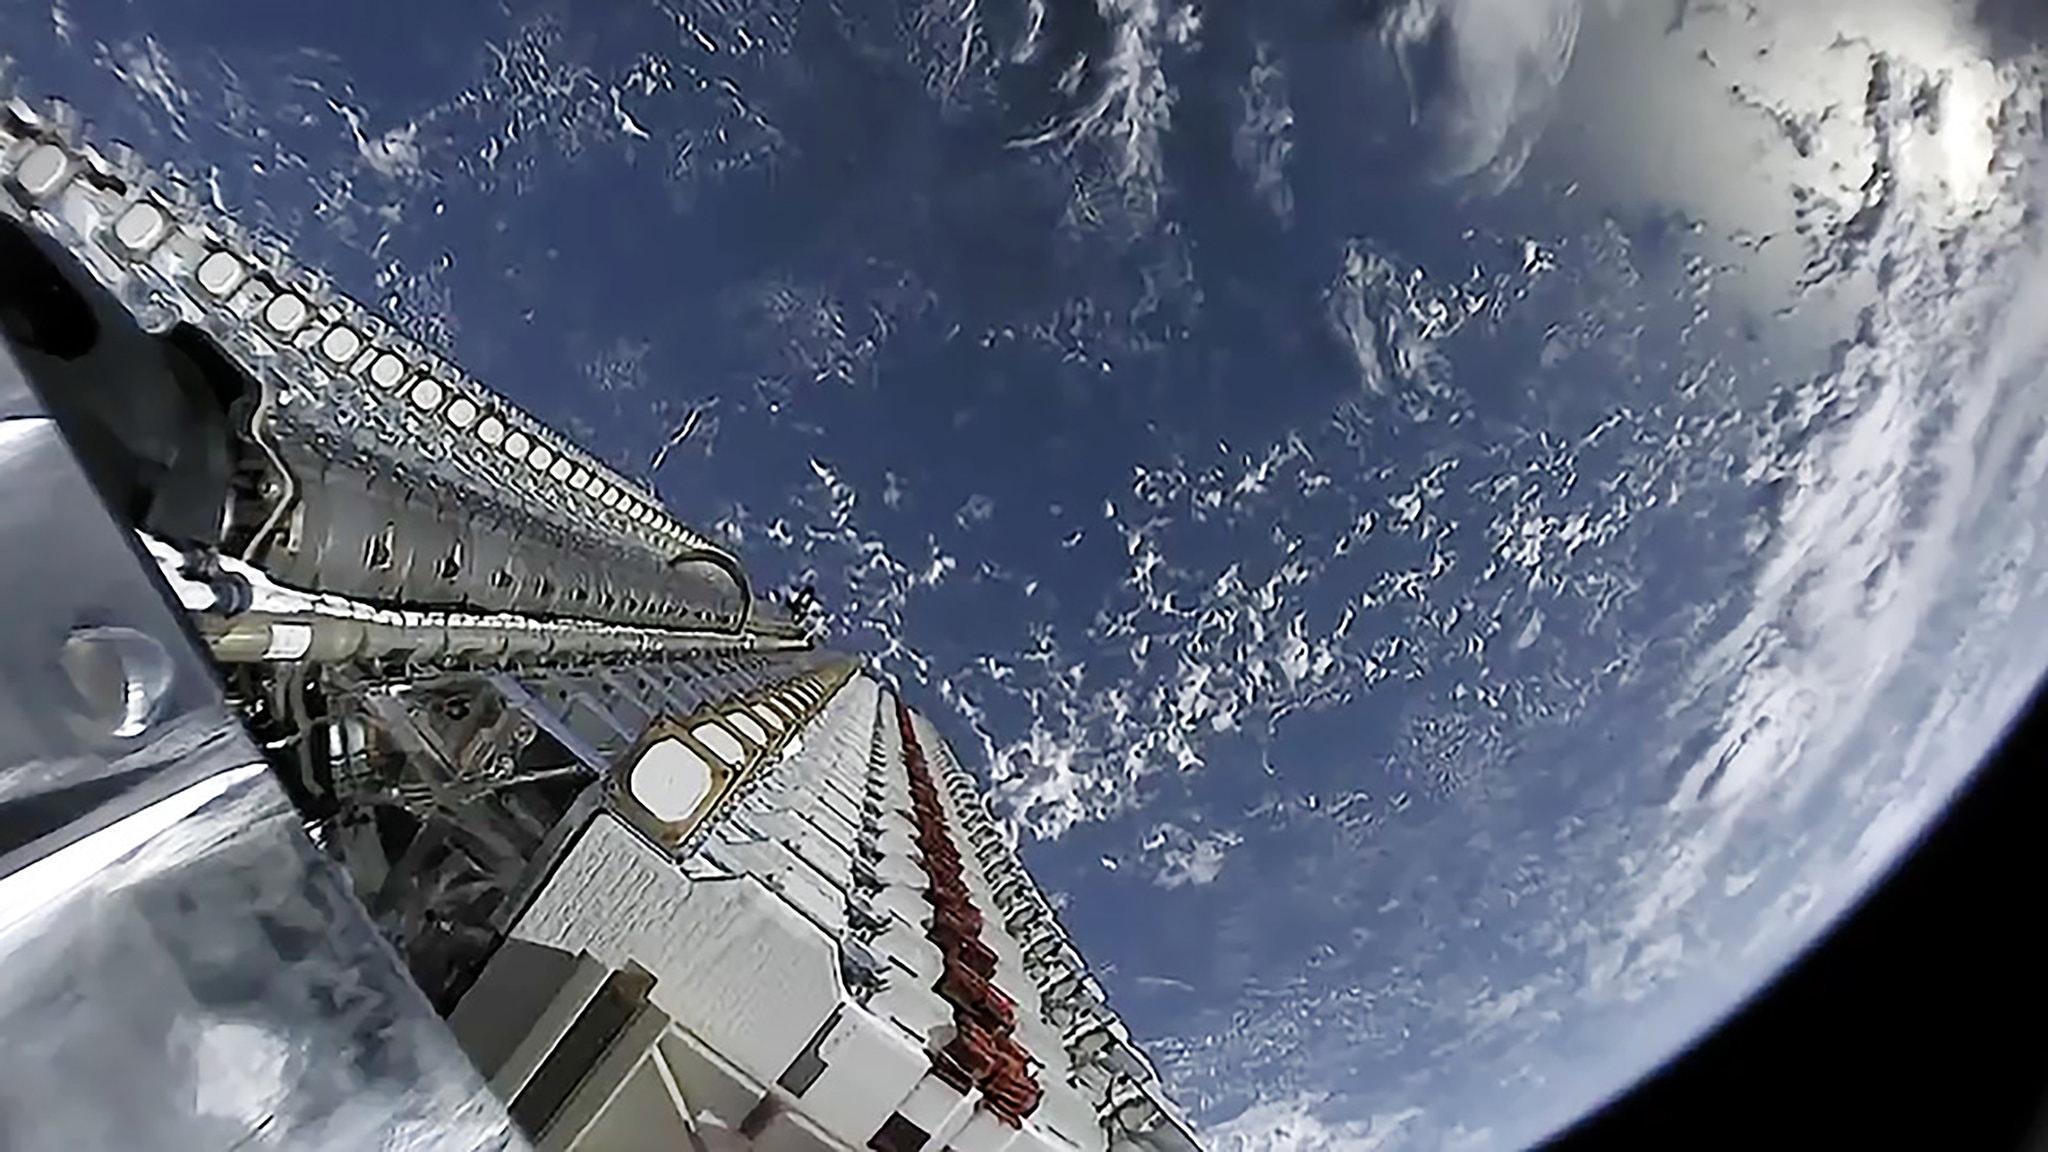 Астрономы считают, что спутники связи SpaceX, OneWeb и других компаний угрожают будущему астрономии - 1